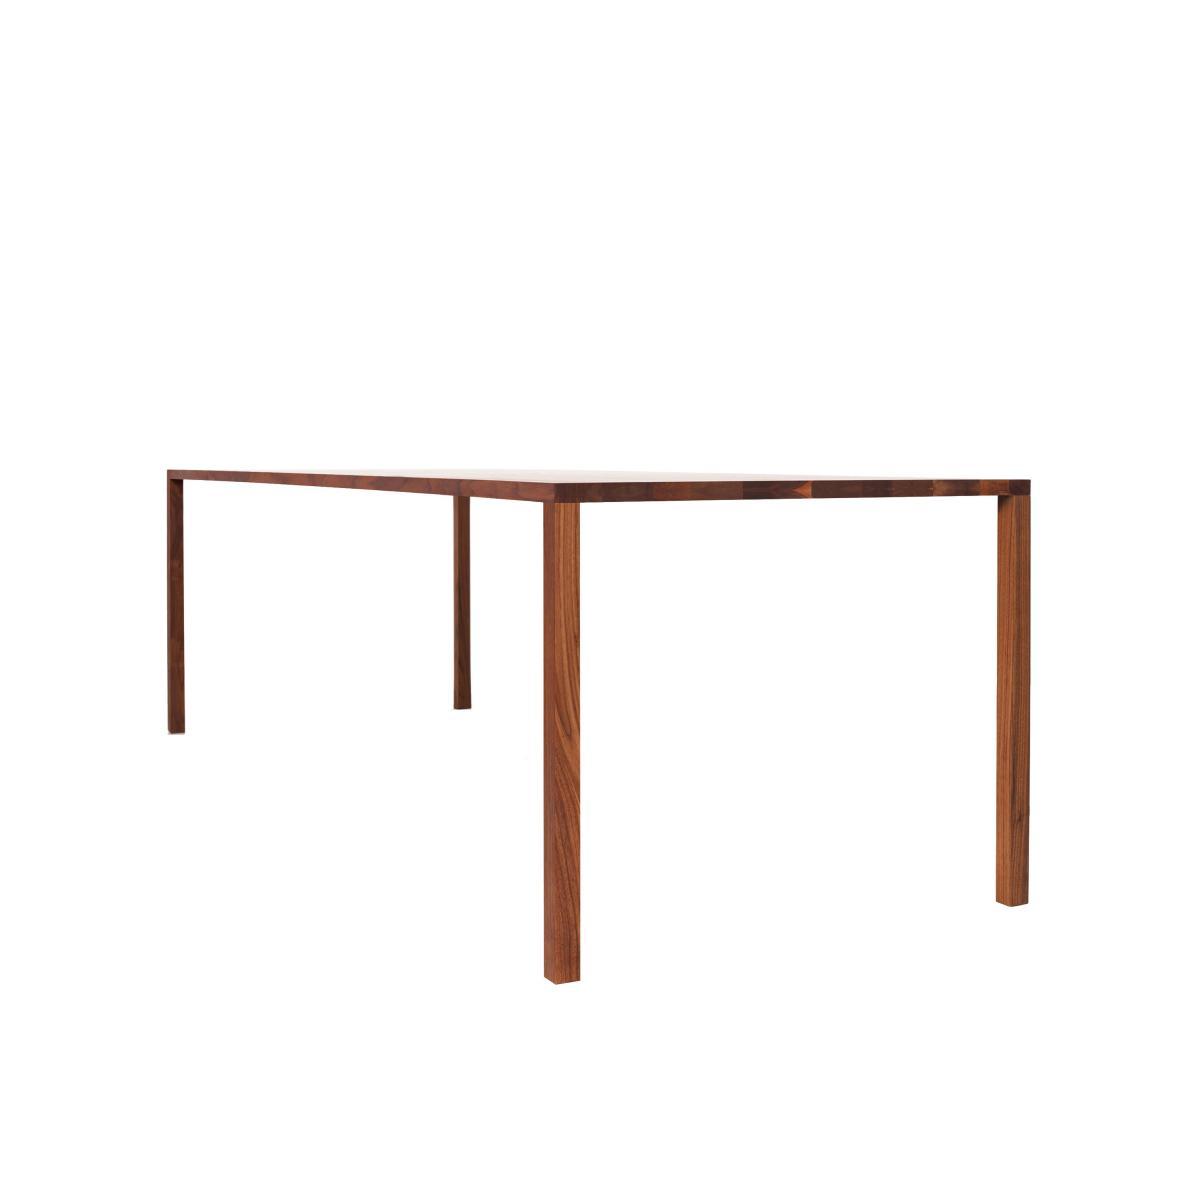 SLIC Tisch Nussbaumsplint